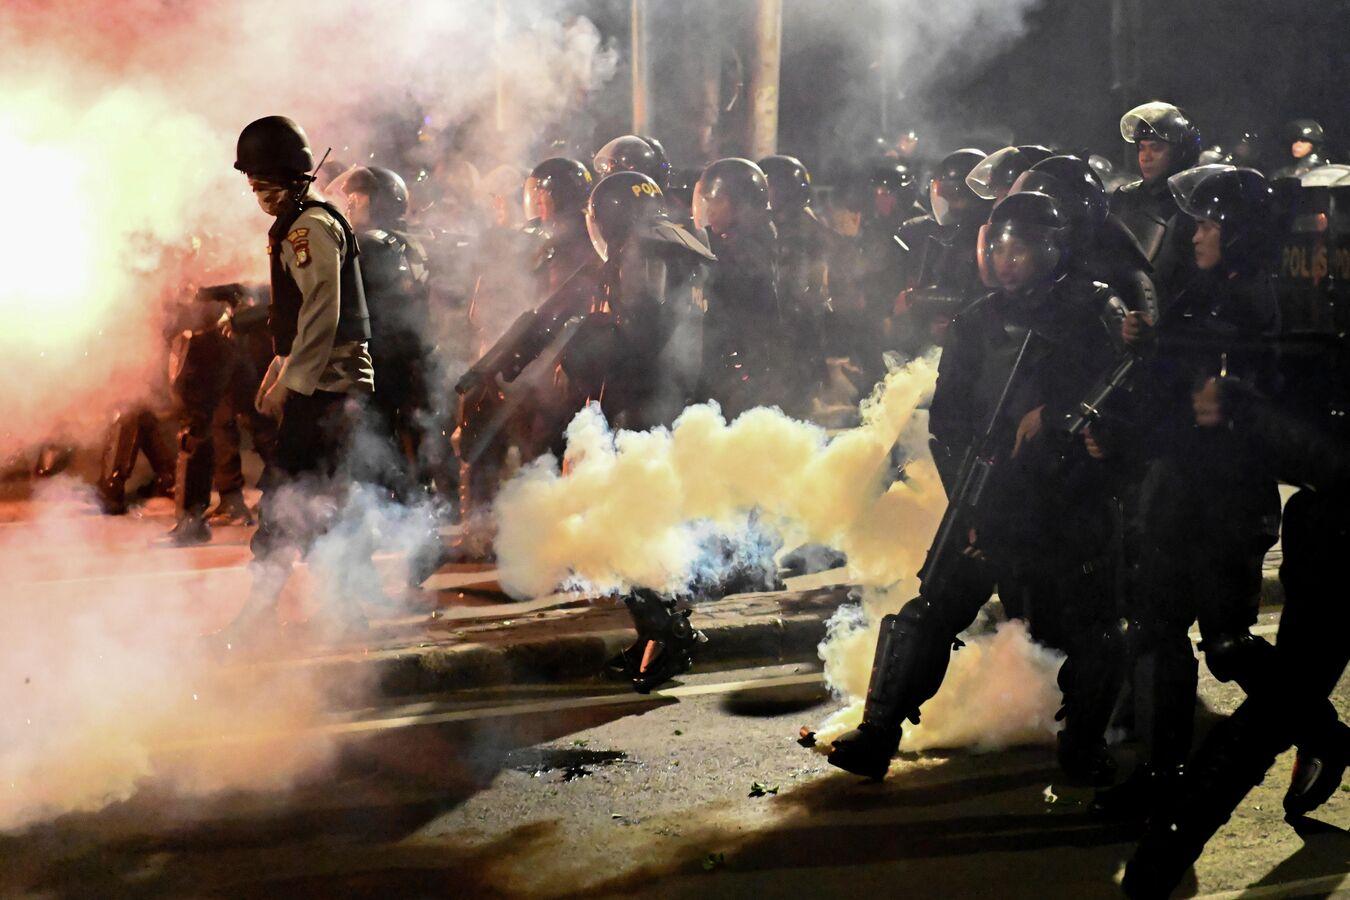 ВИндонезии проходят протесты после крупнейших вмире выборов, есть погибшие